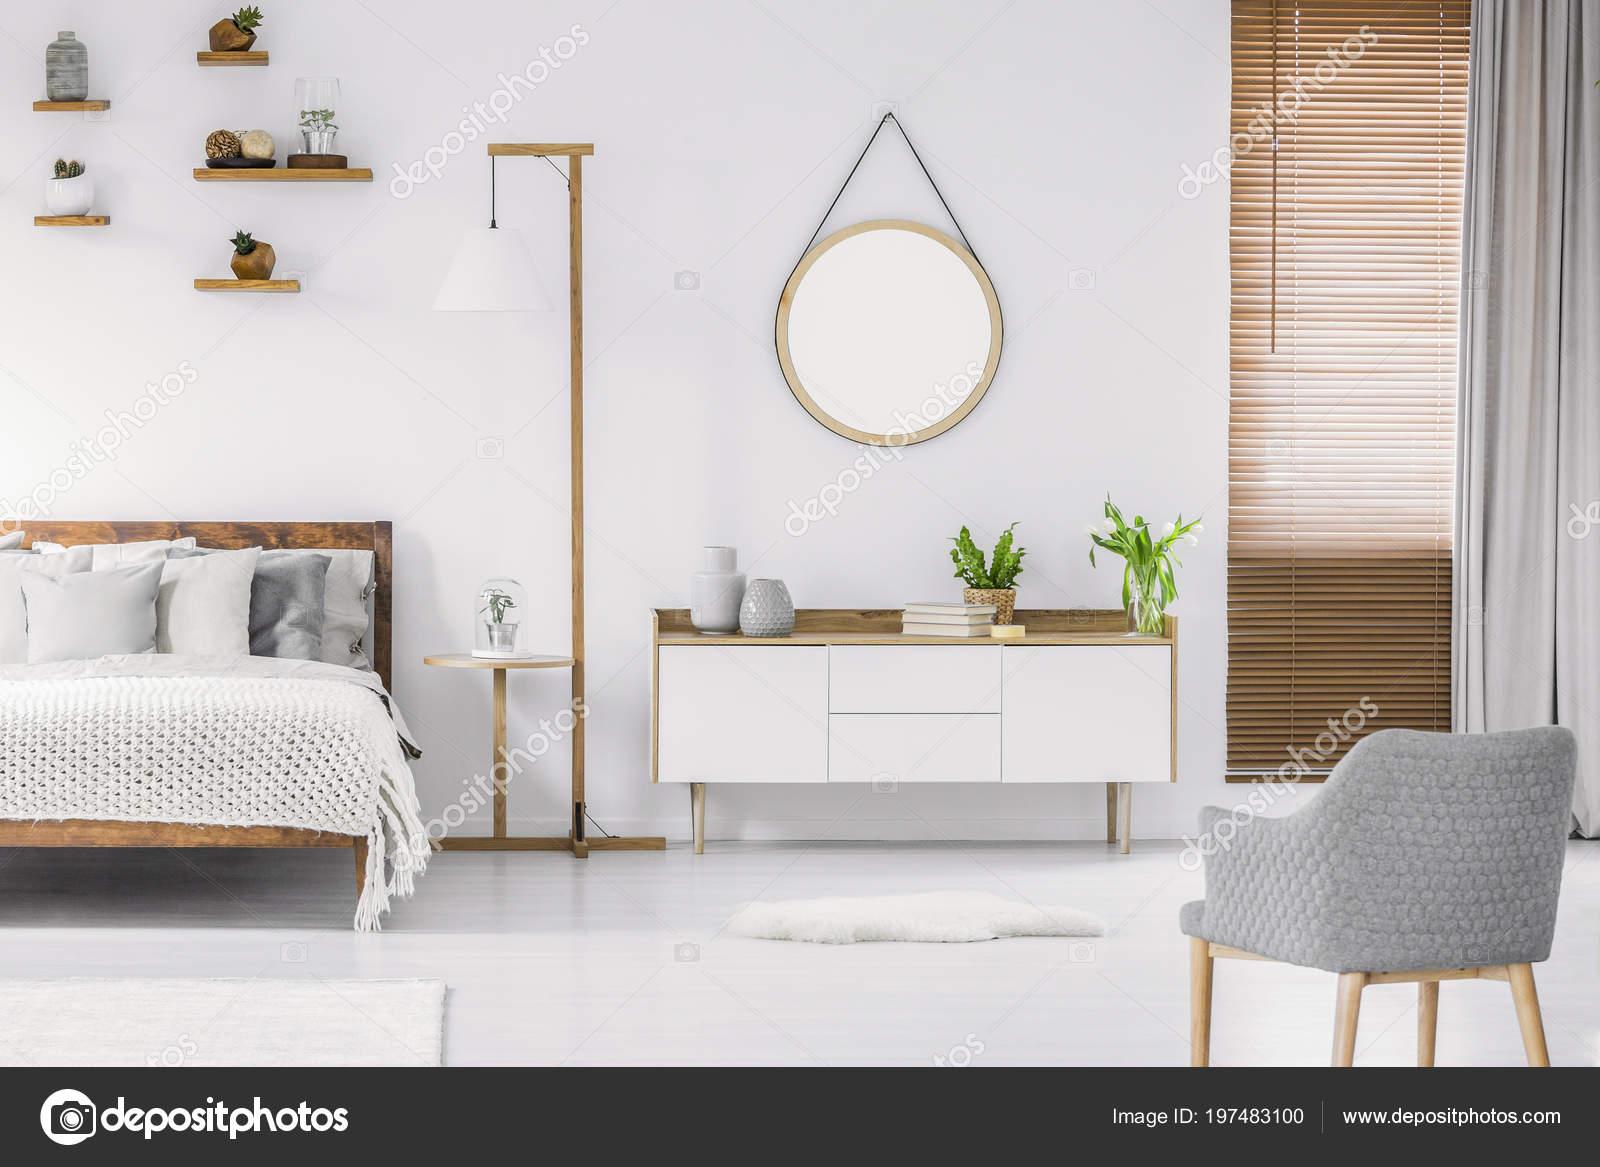 Intérieur Chambre Blanche Style Scandinave Avec Miroir Rond Sur Mur ...